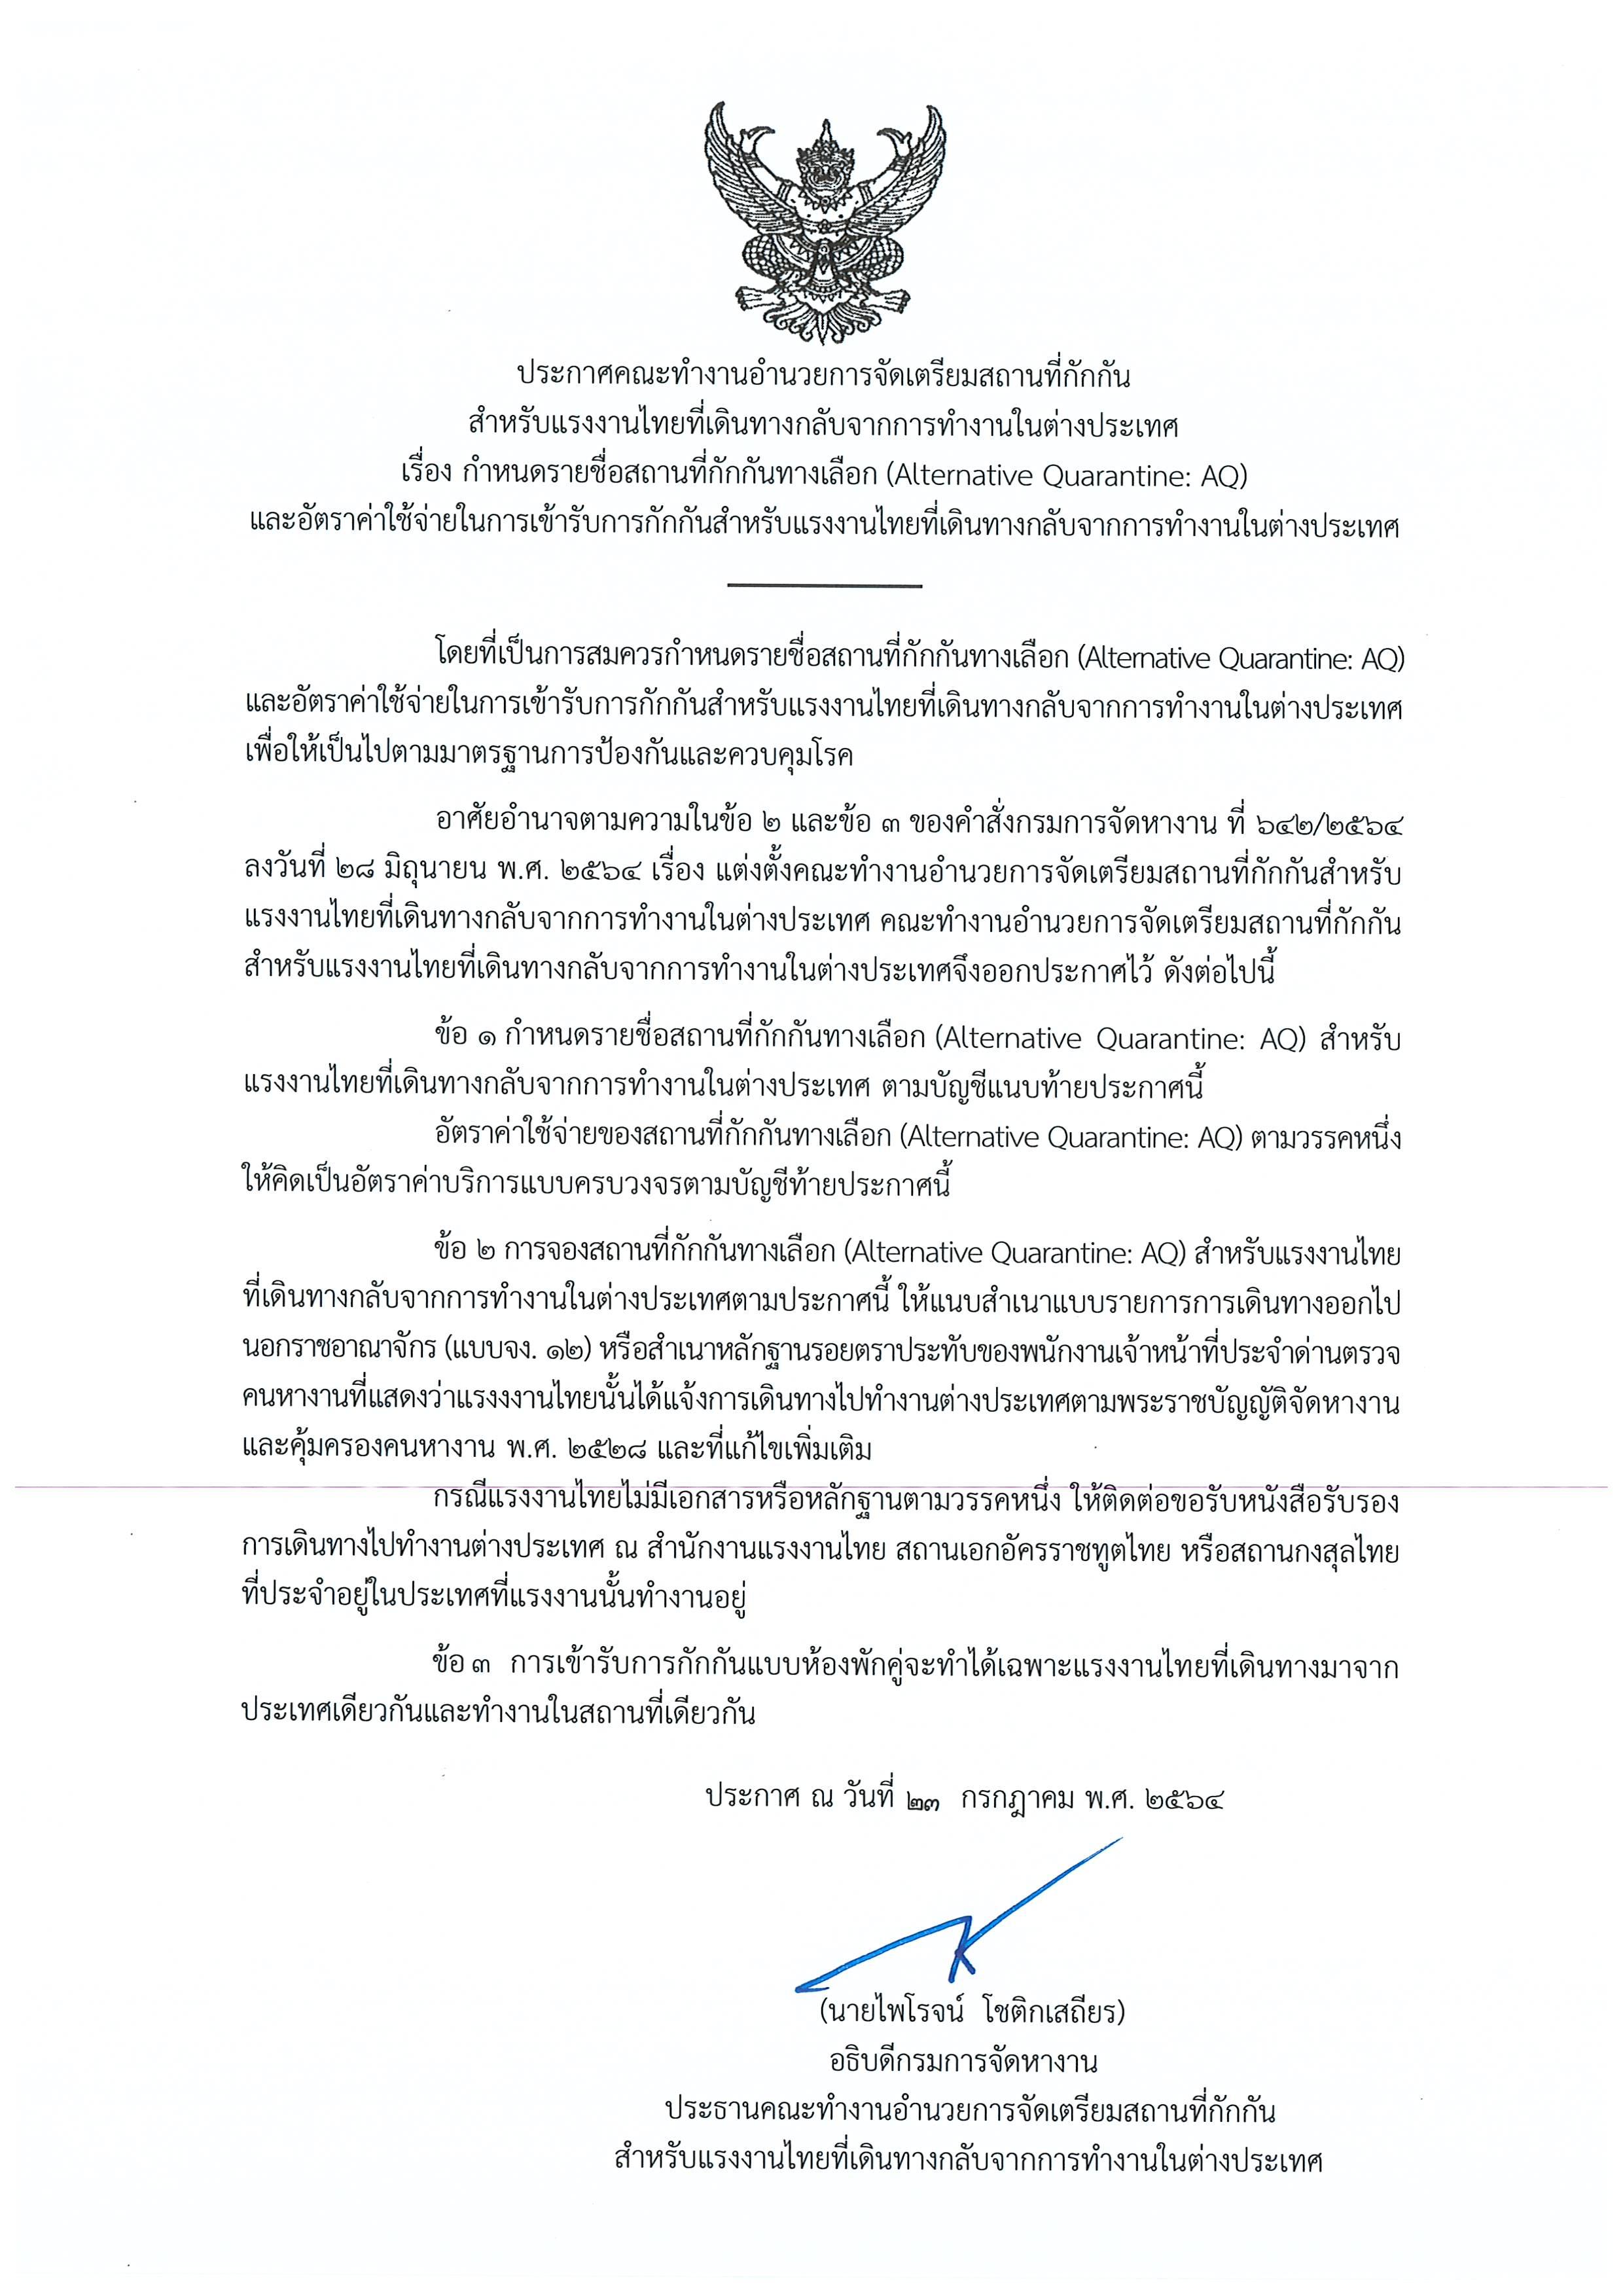 ประกาศการจอง_AQ-_09_ก.ย.64_6_หน้า_Page_2